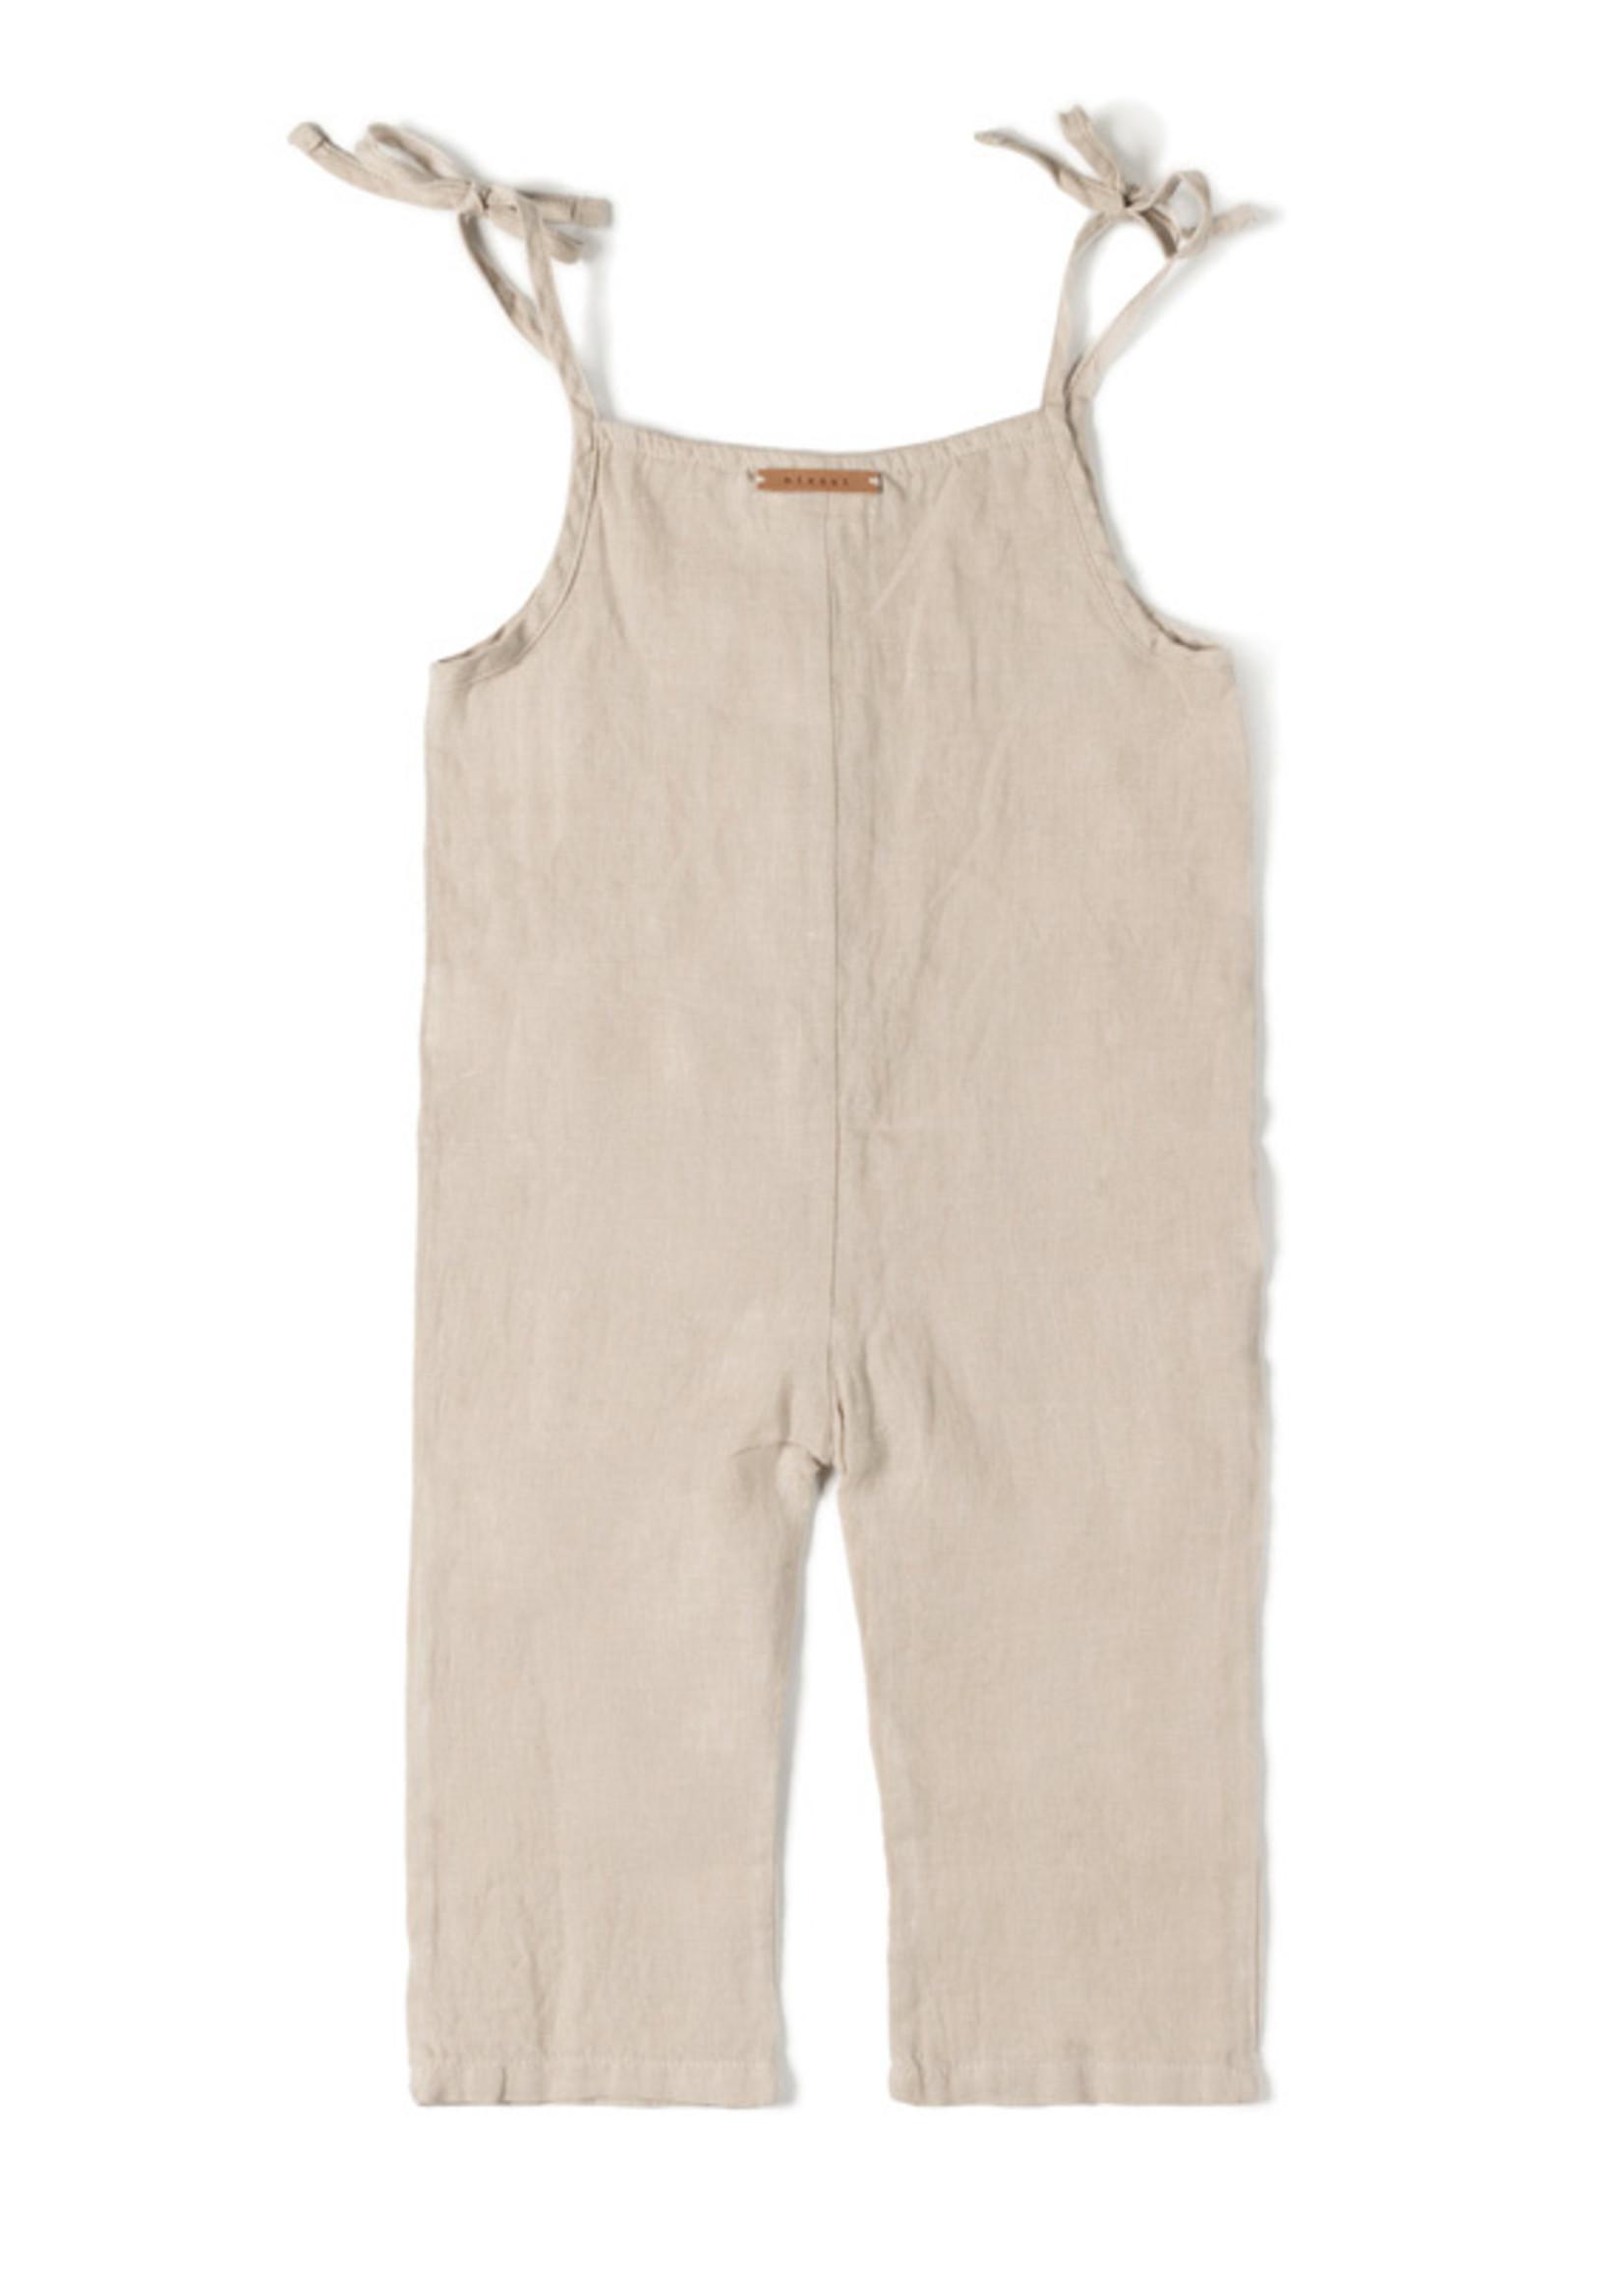 Nixnut Button Suit - Sand